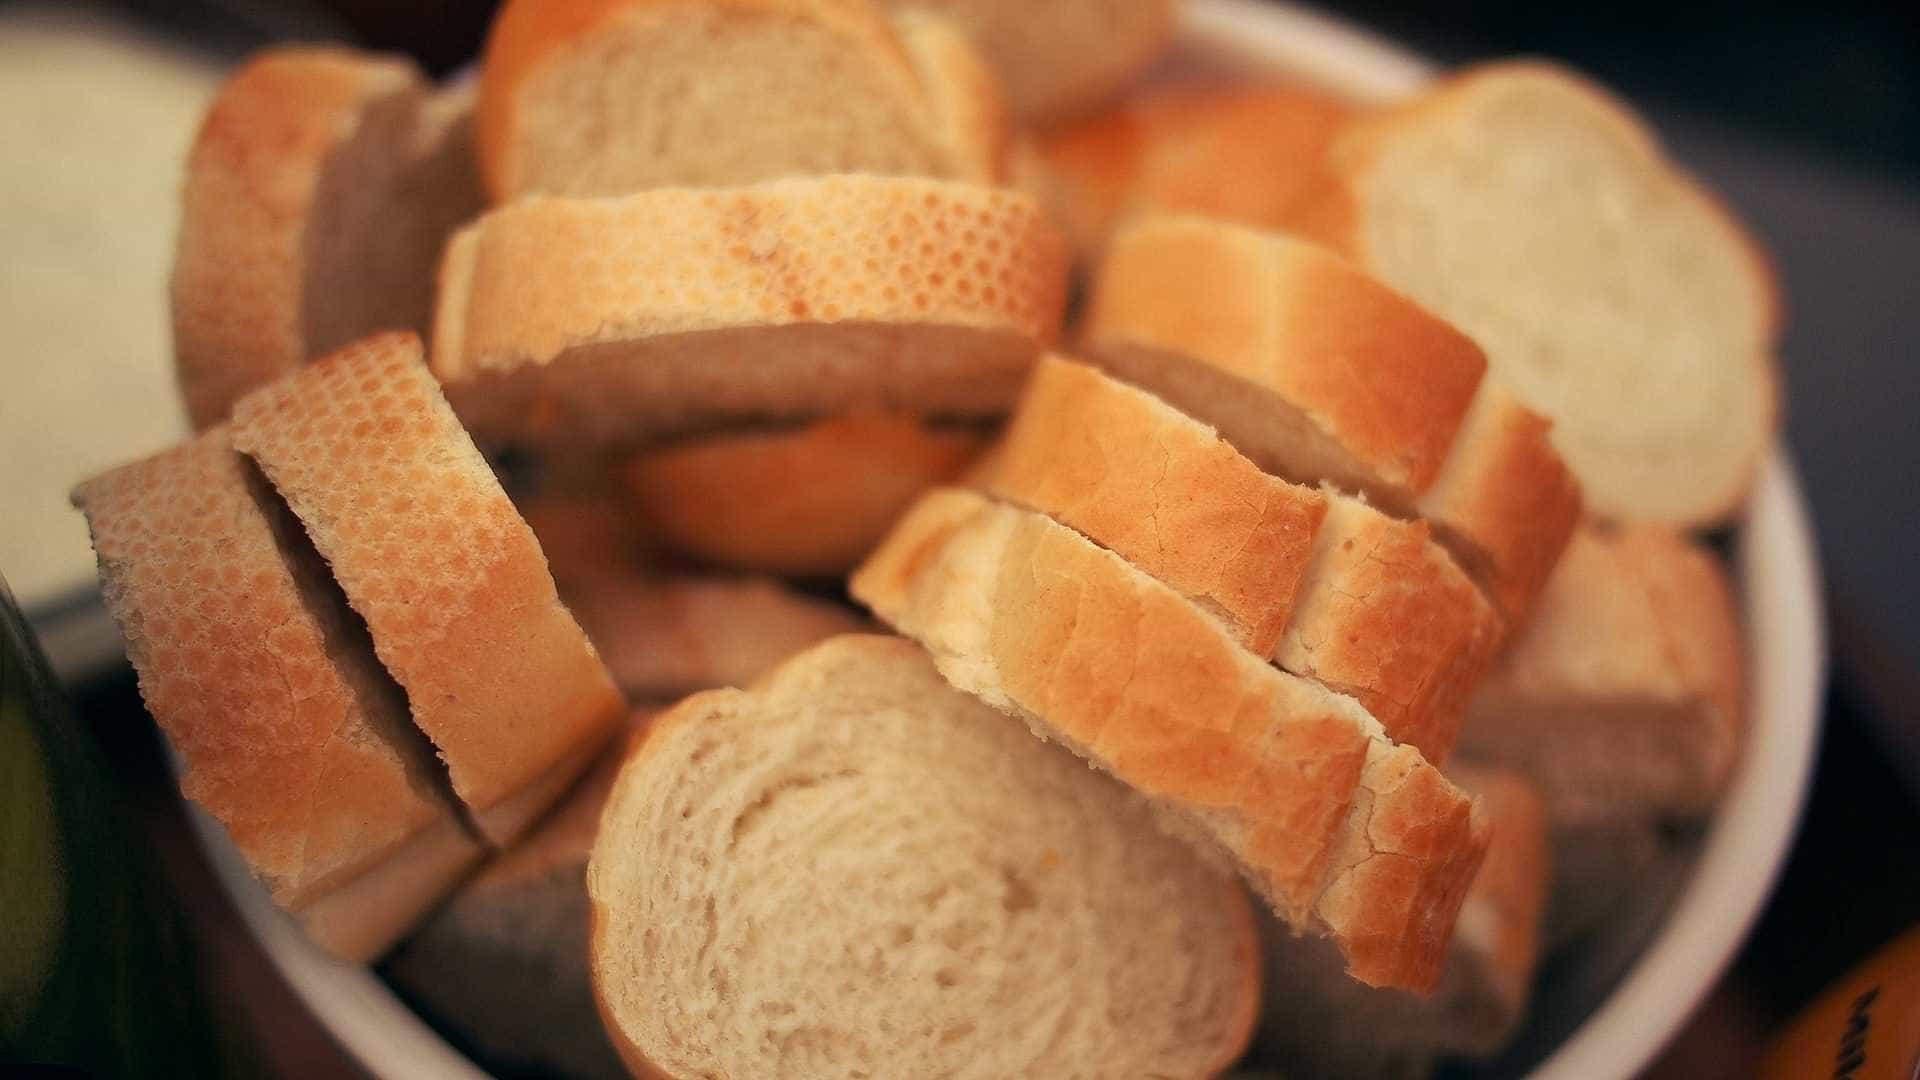 Criança de 3 anos morre após ficar engasgada com pedaço de pão